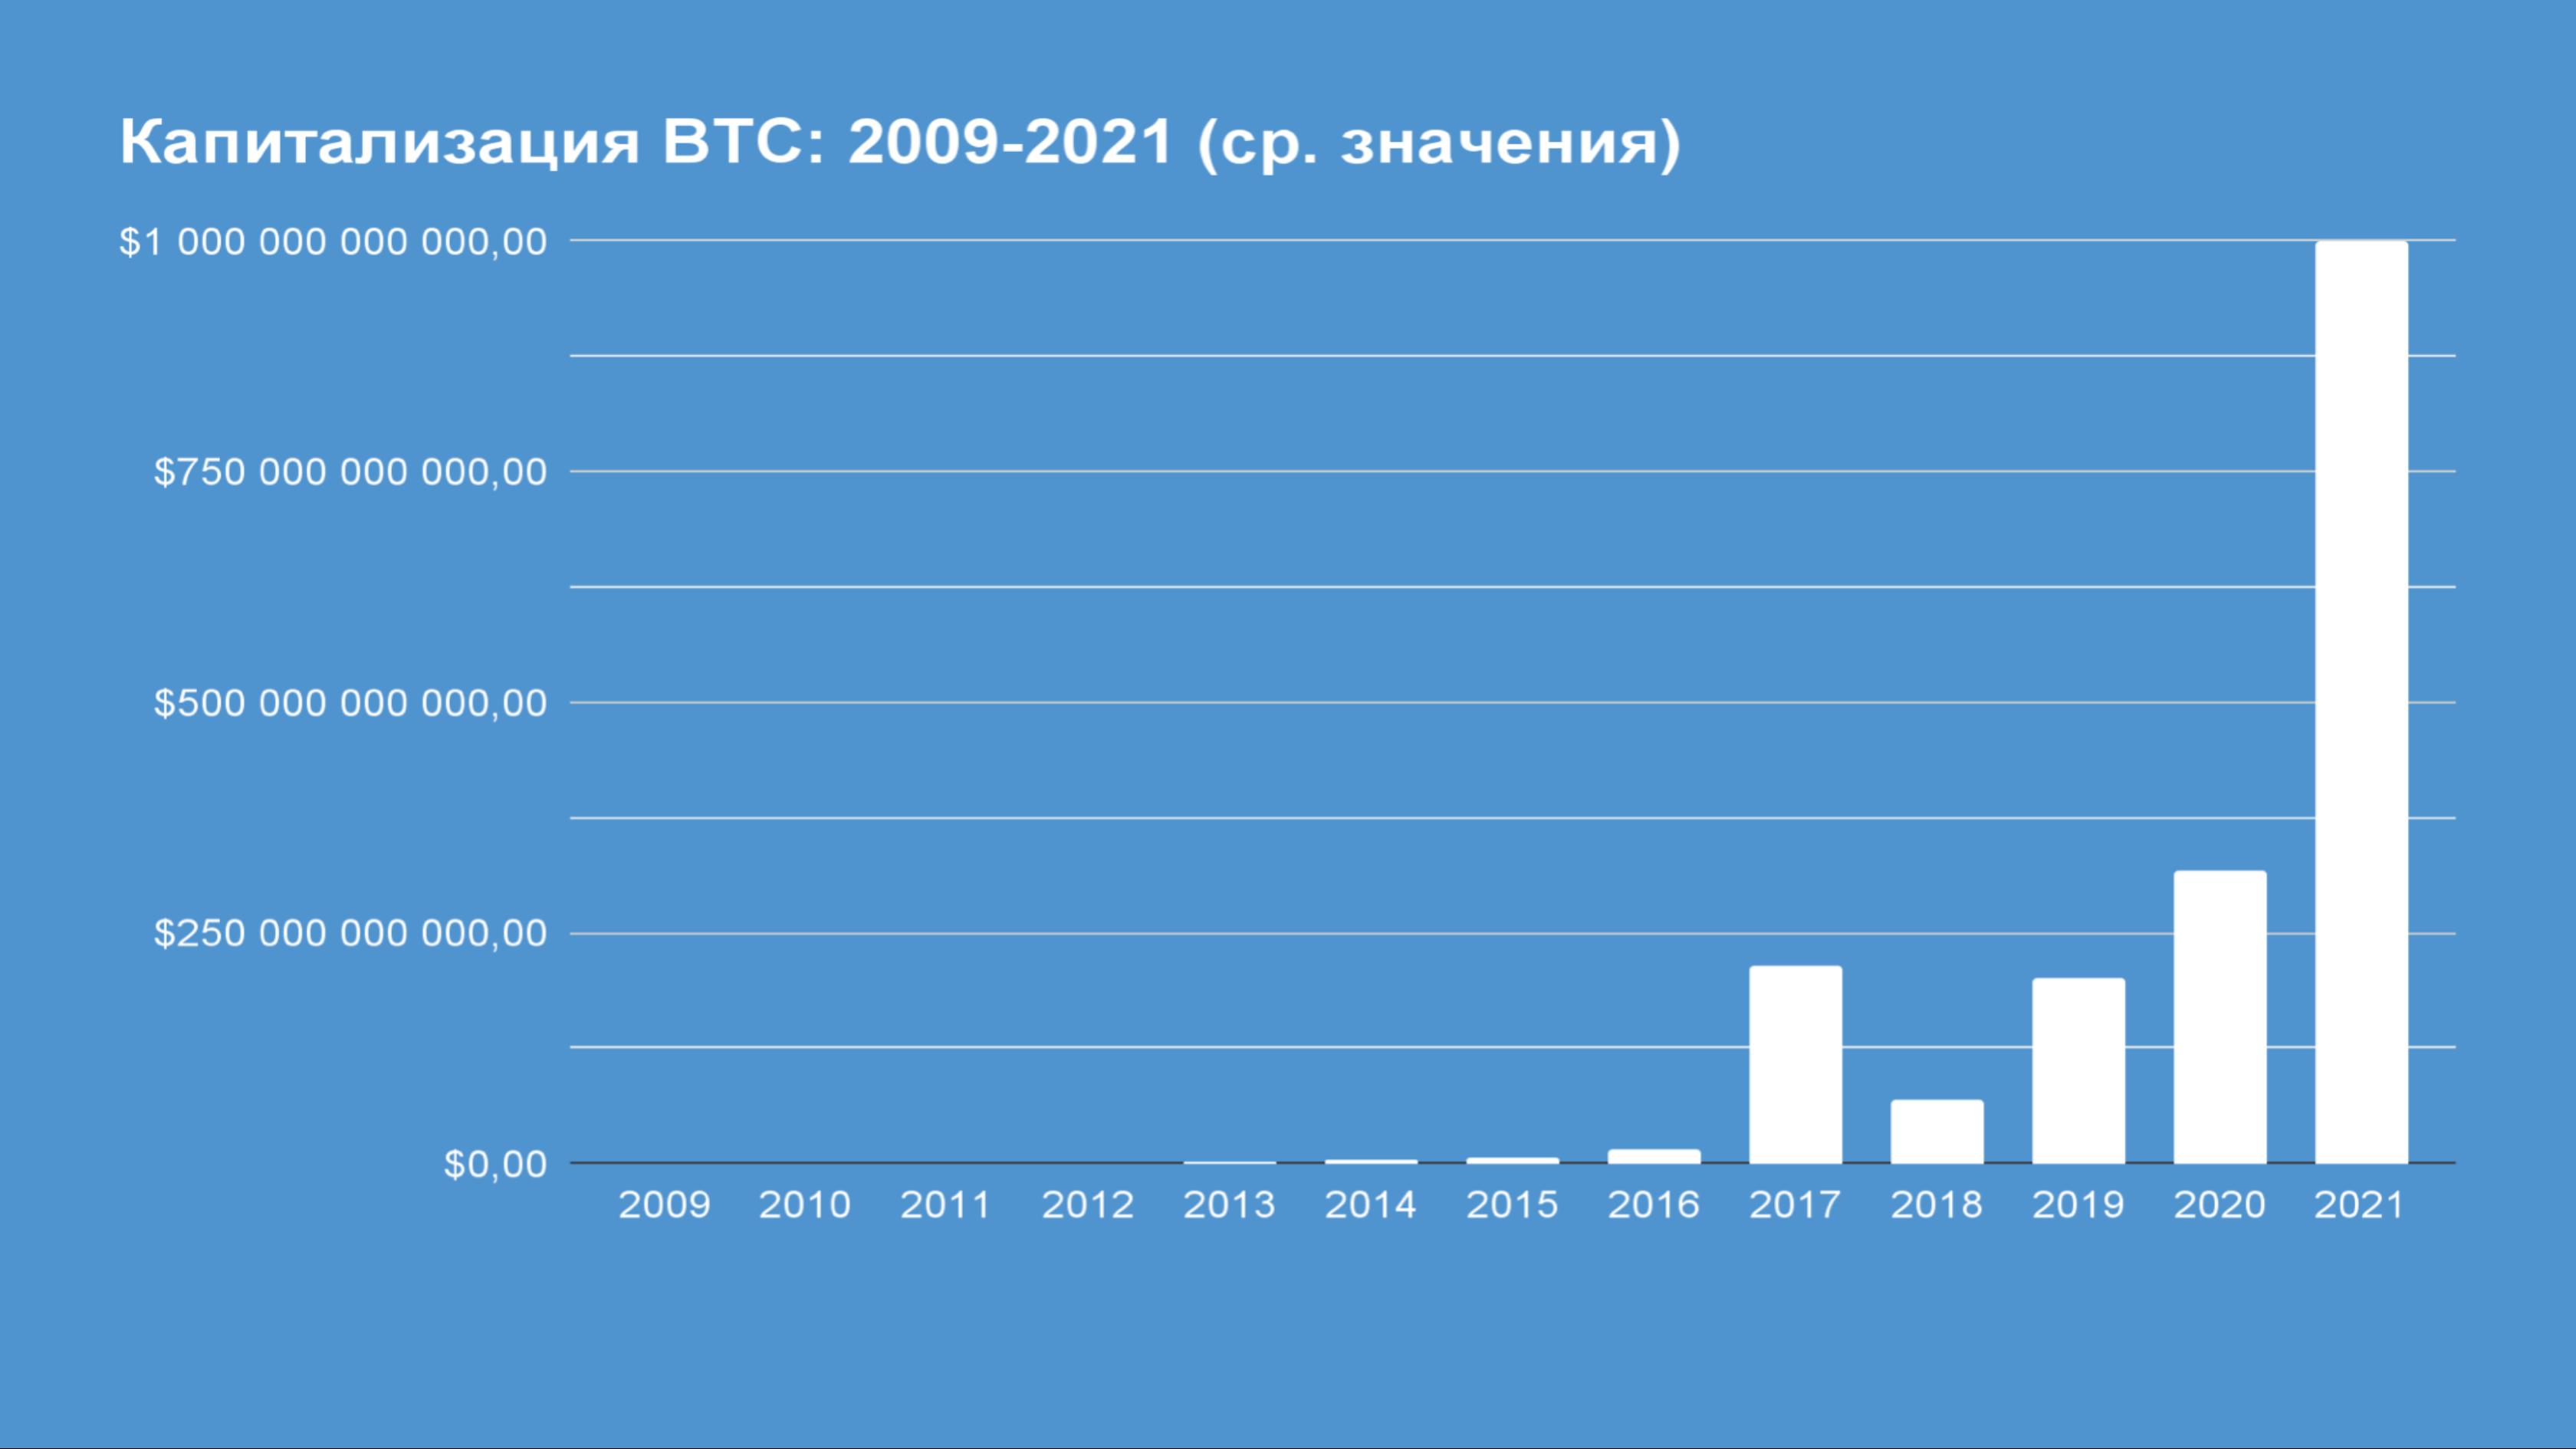 Капитализация BTC. Menaskop